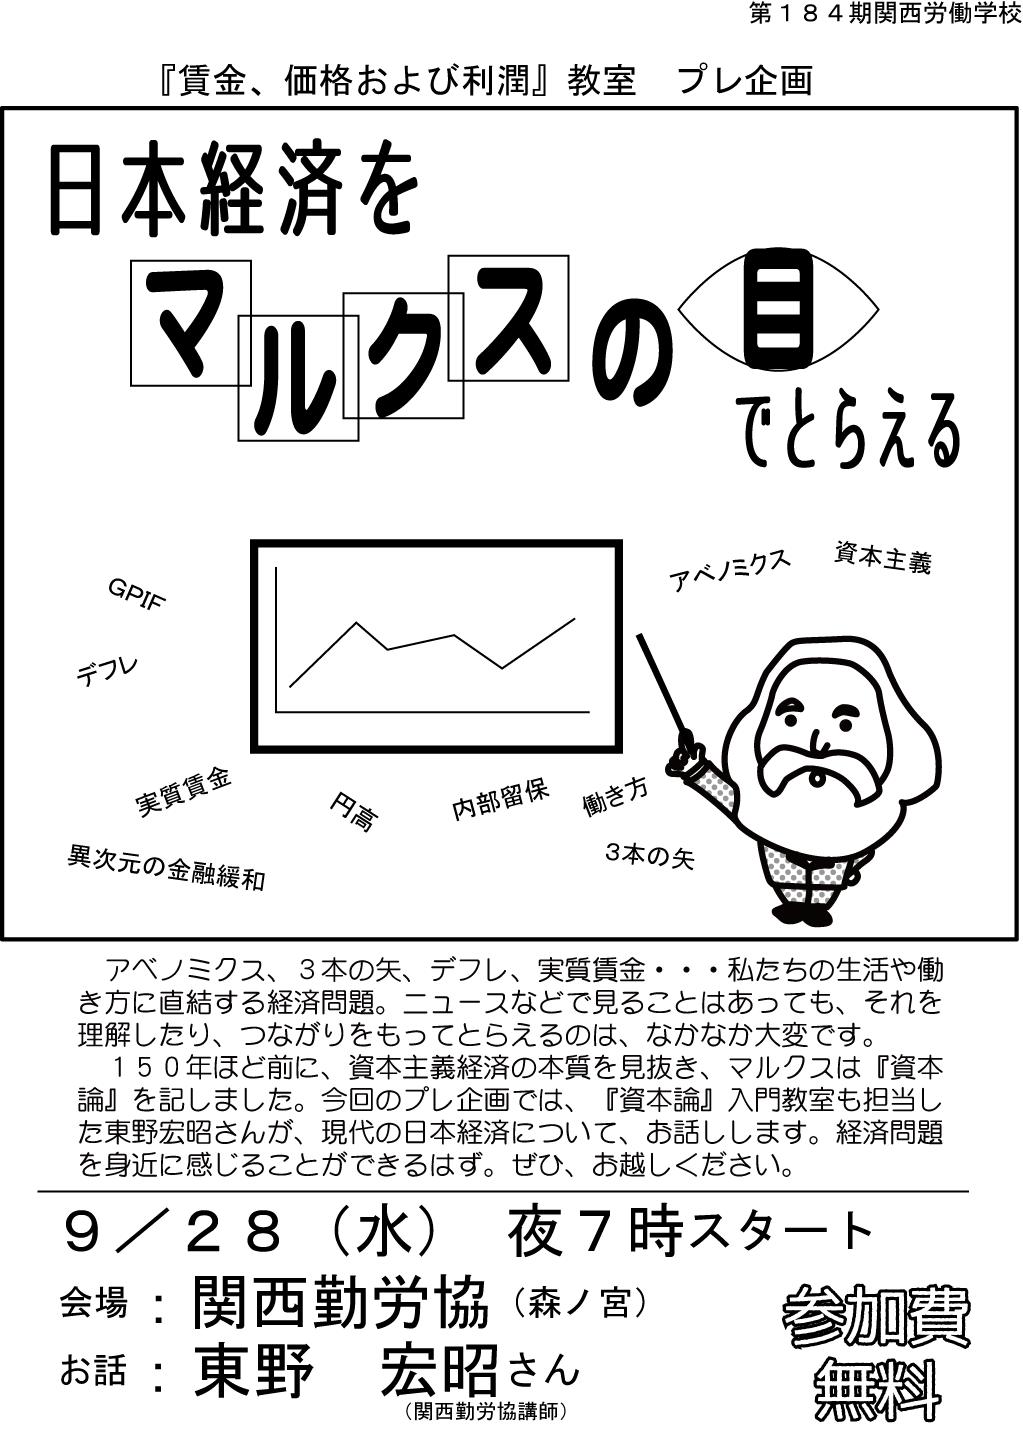 経済学教室プレ企画 コピー